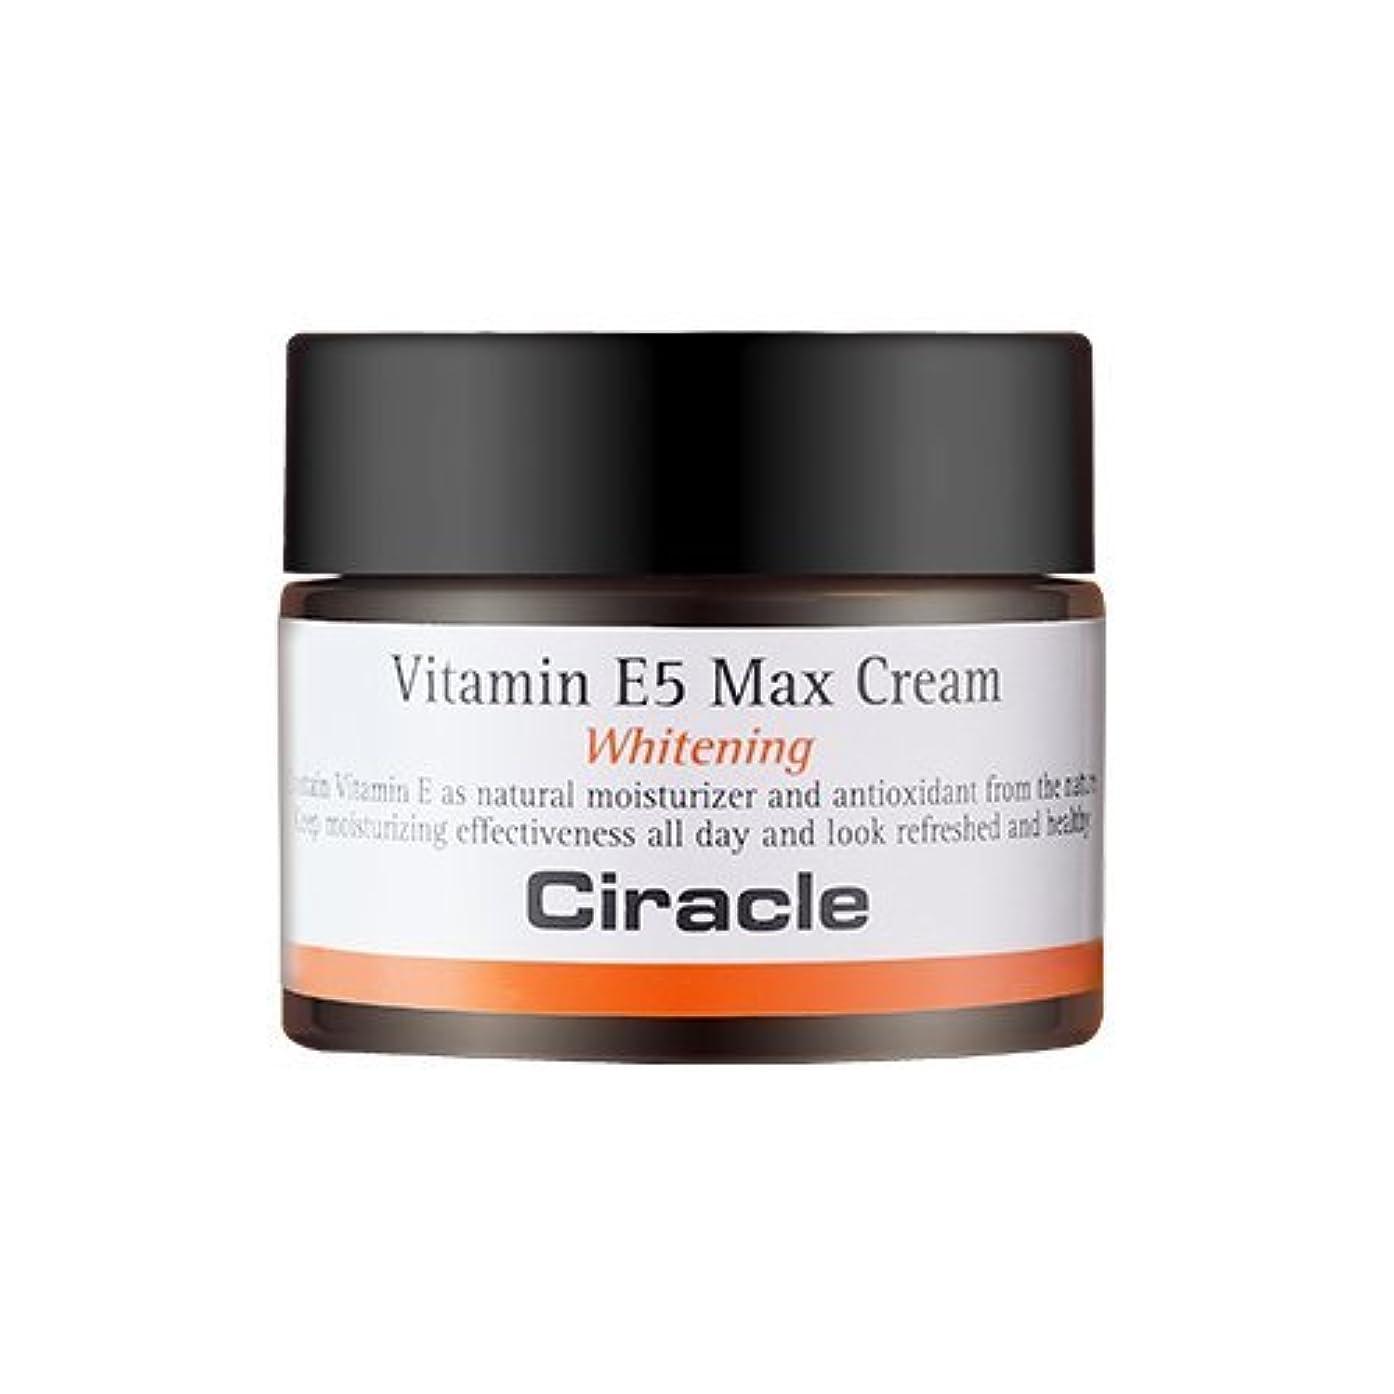 臭い見捨てられた廃止Ciracle Vitamin E5 Max Cream シラクル ビタミンE5 マックス クリーム 50ml [並行輸入品]